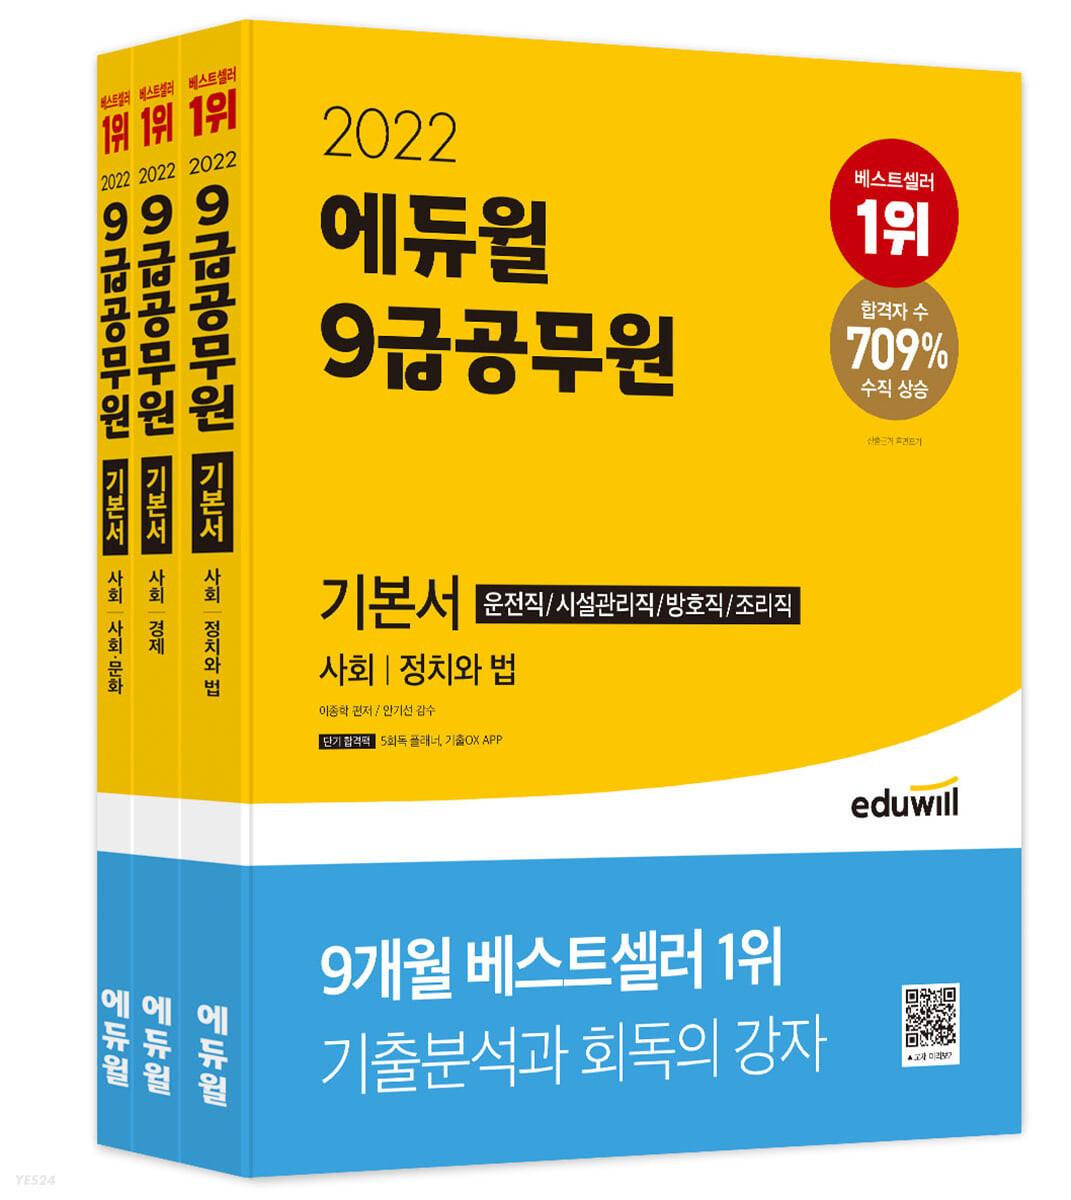 2022 에듀윌 9급 공무원 기본서 사회 (운전직/시설관리직/방호직/조리직)